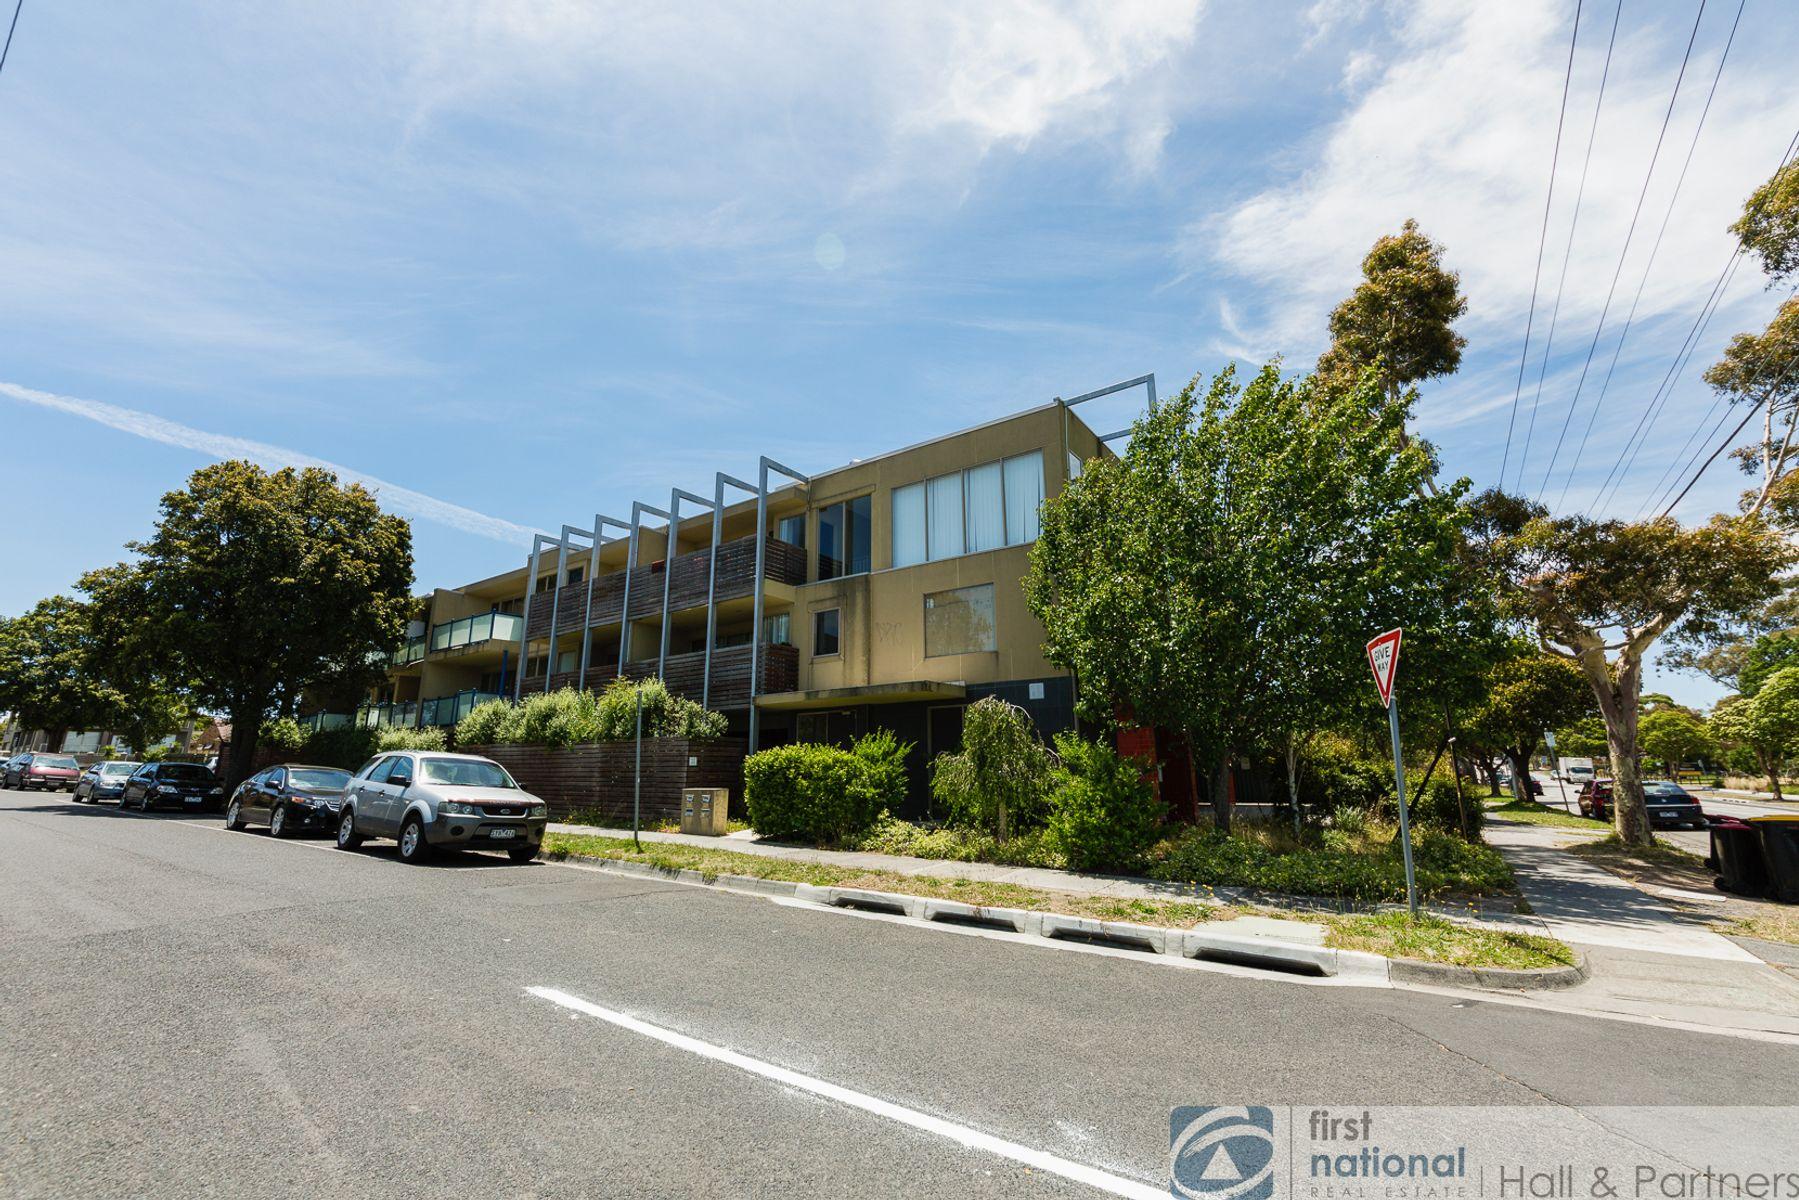 10/9 King Street, Dandenong, VIC 3175